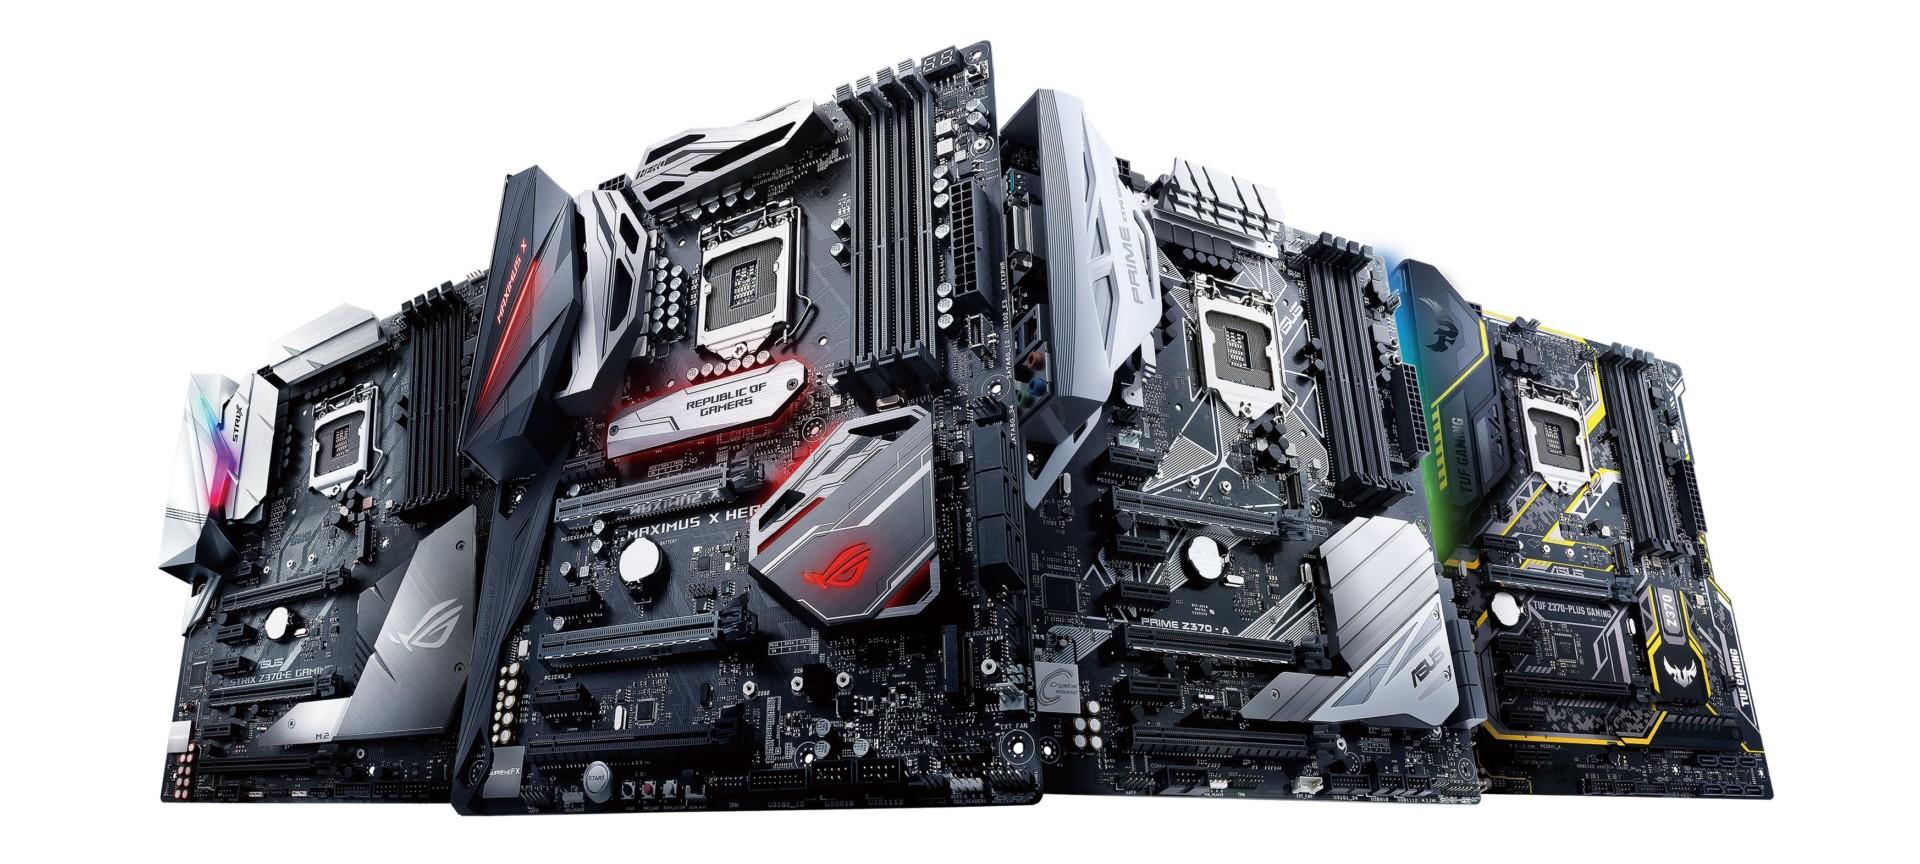 Asus revela su nueva línea de motherboards: los Z390 están a la vuelta de la esquina y son impresionantes